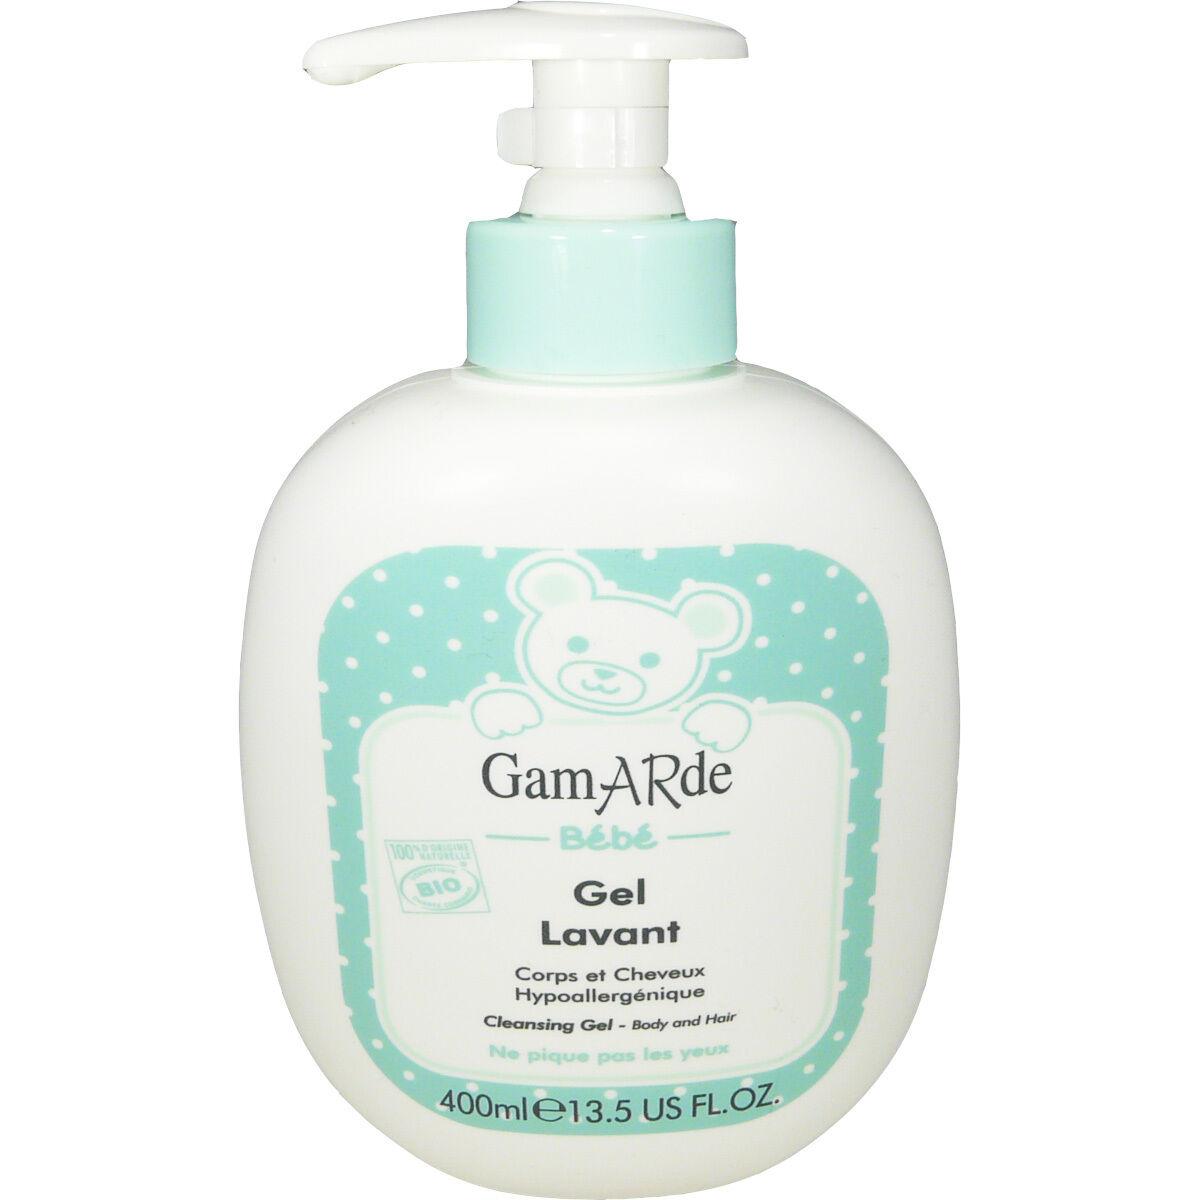 Gamarde bebe gel lavant 400 ml corps et cheveux